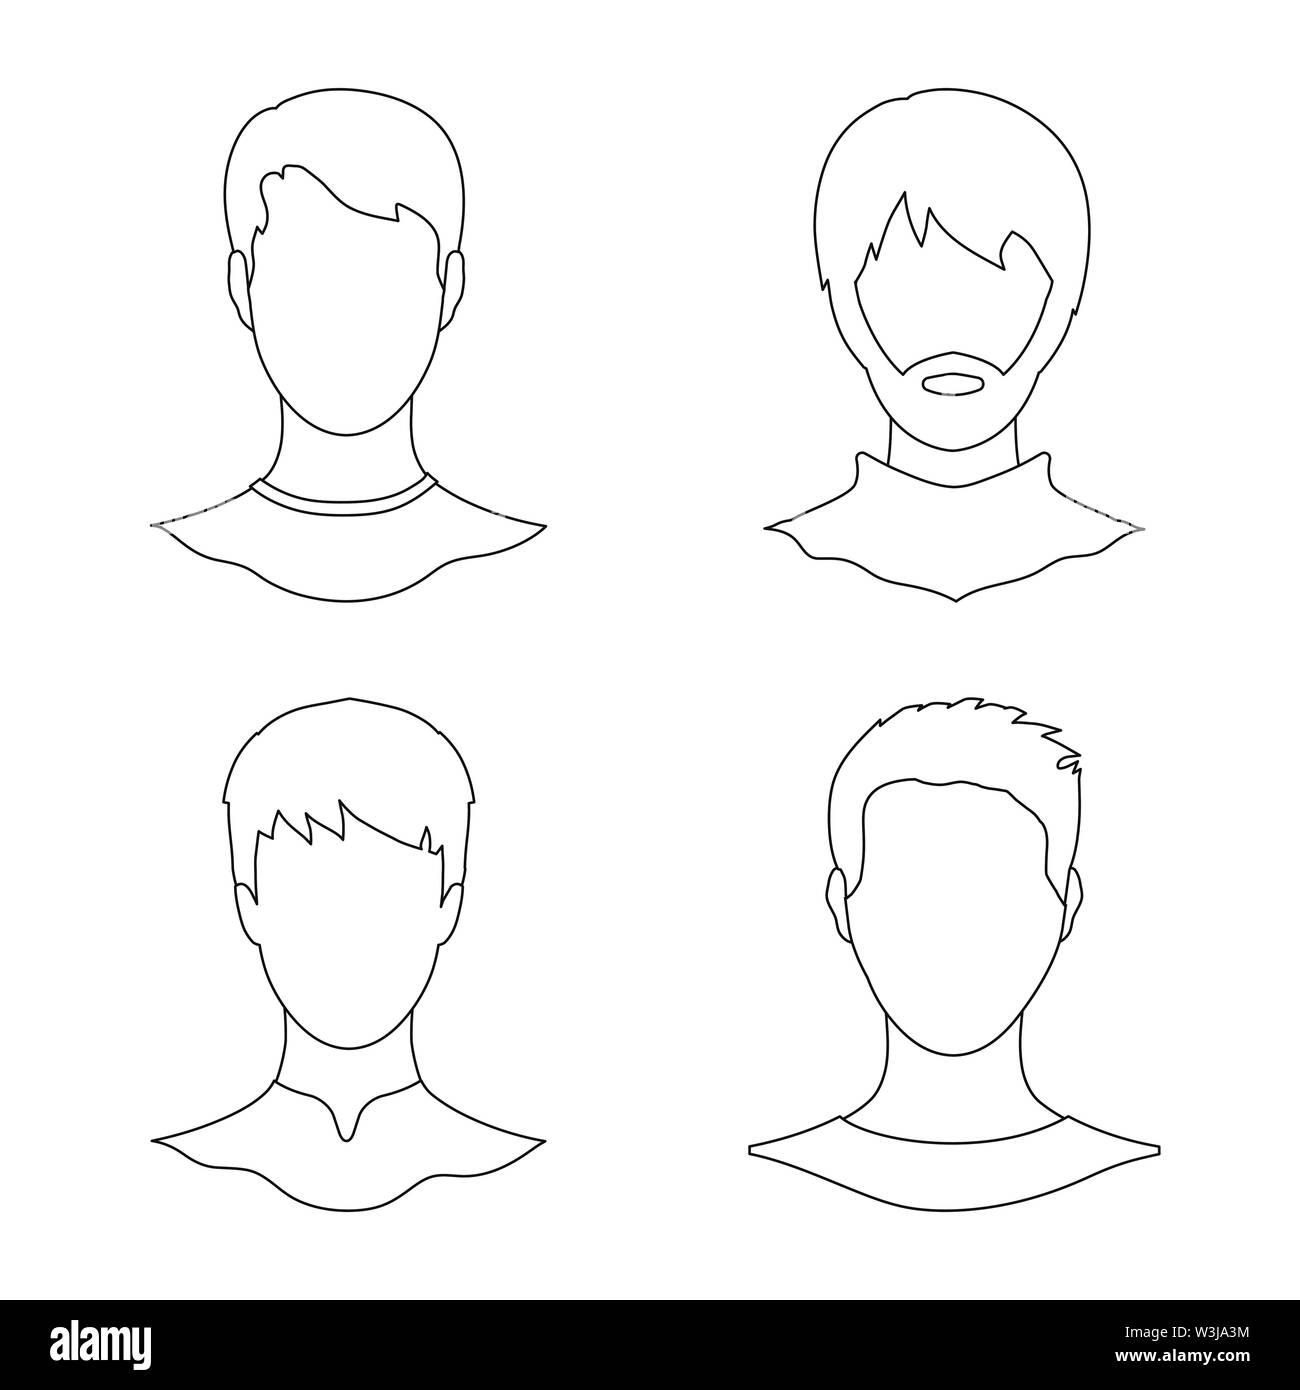 Vektor Design von professionellen Foto- und unterzeichnen. Professionelle und Profil vektor Illustration. Stockbild